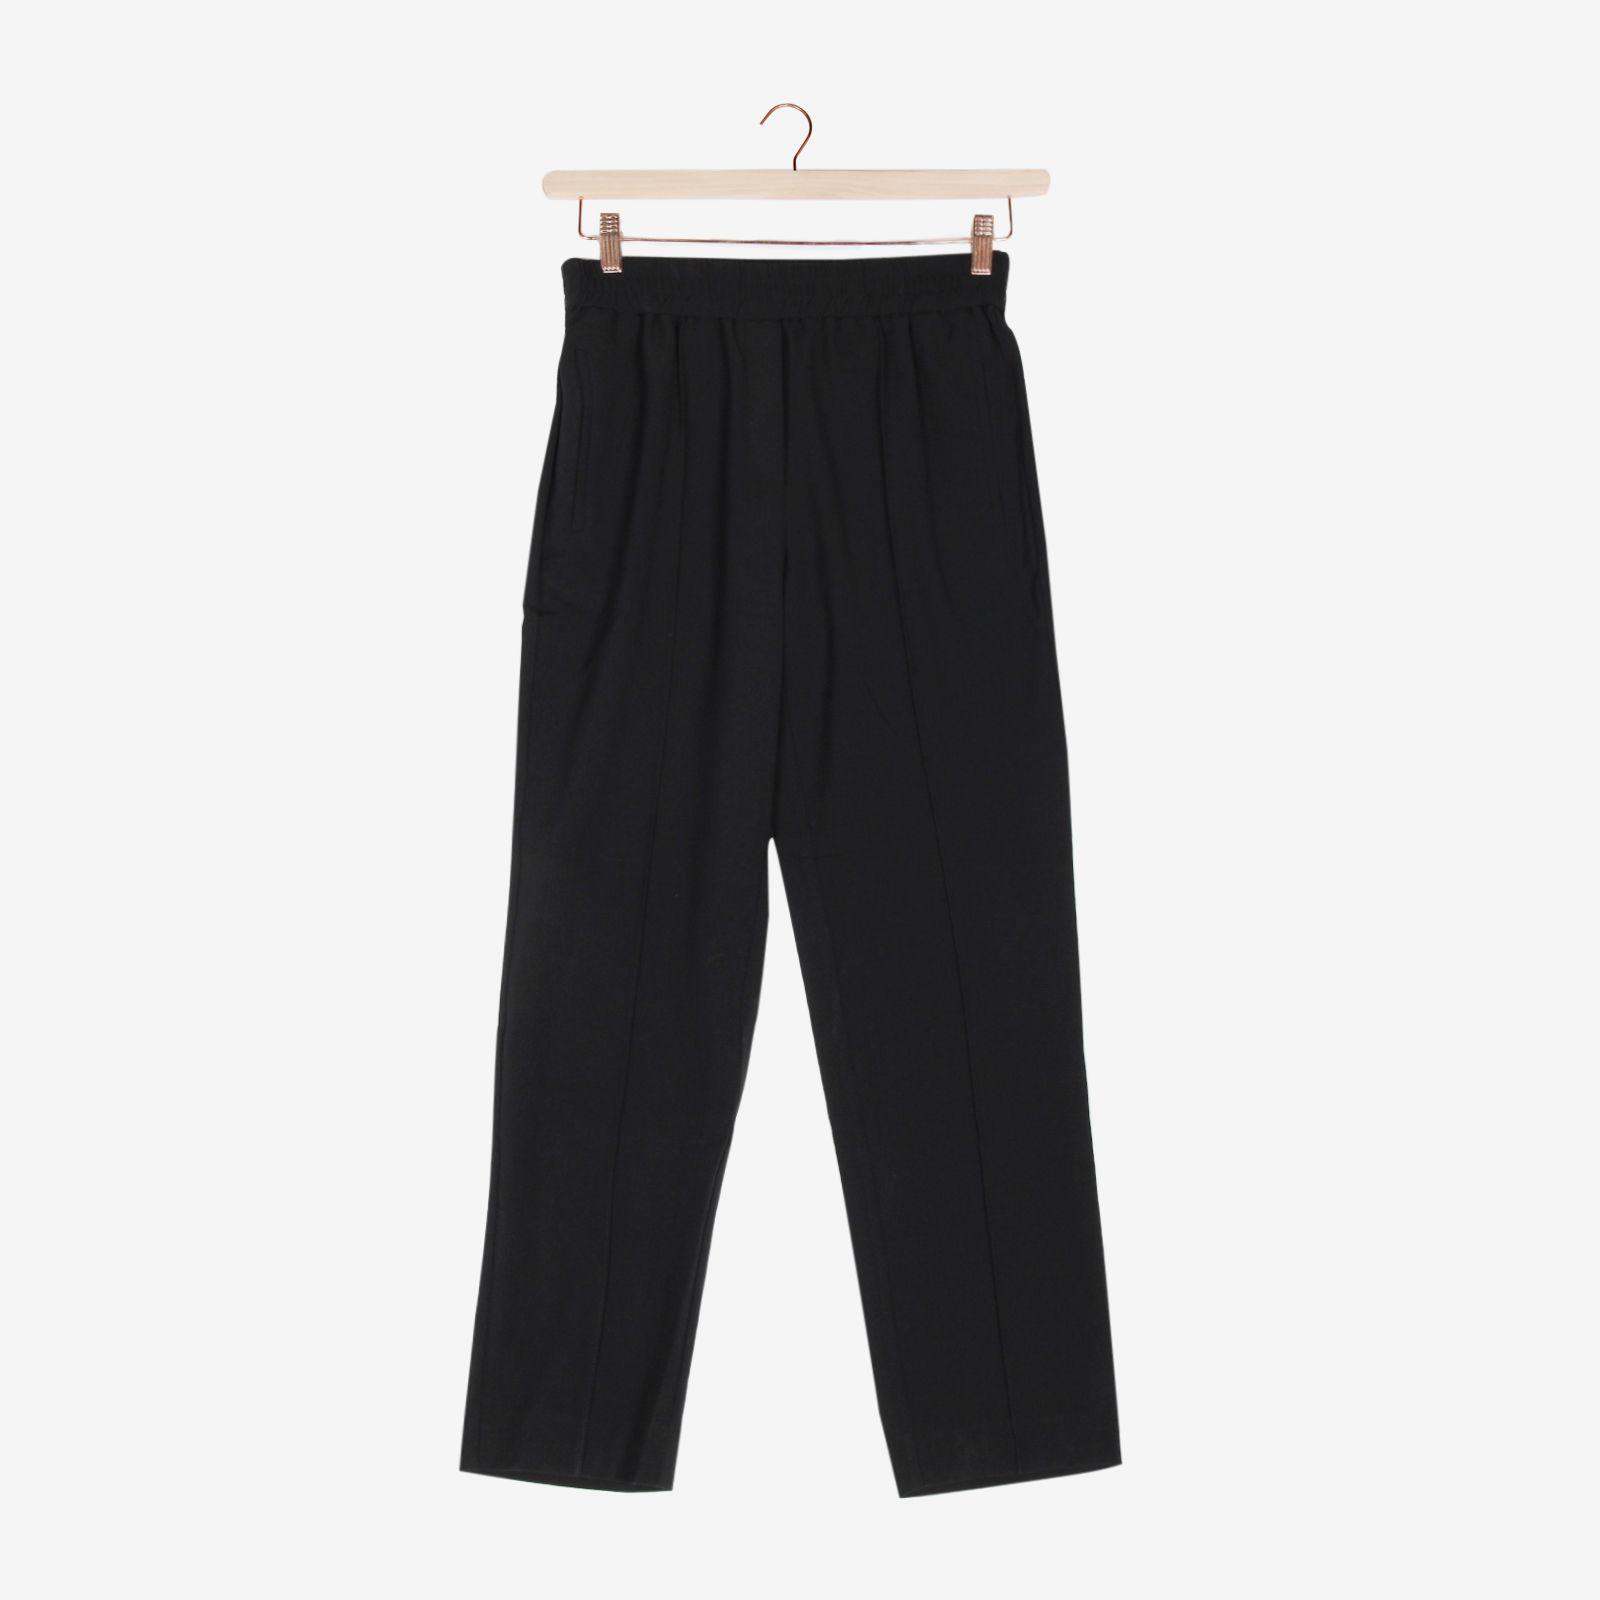 Zwarte tapered broek